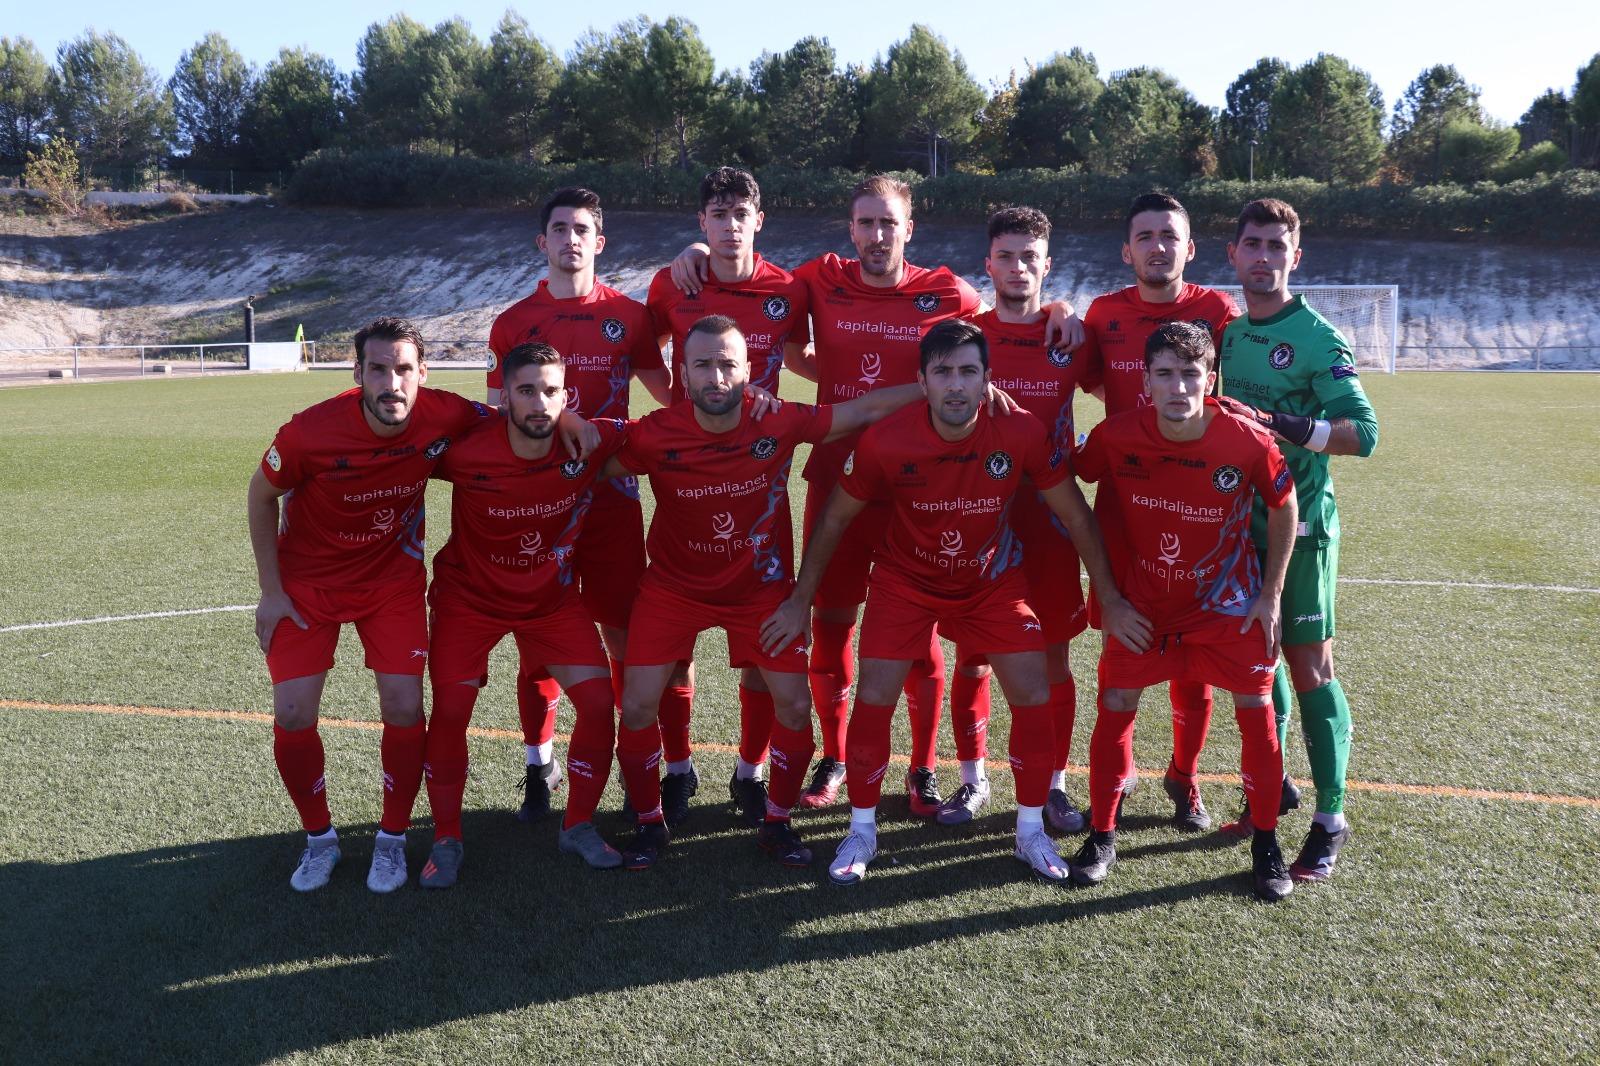 Montaverner 1  -  3  Deportivo Ontinyent